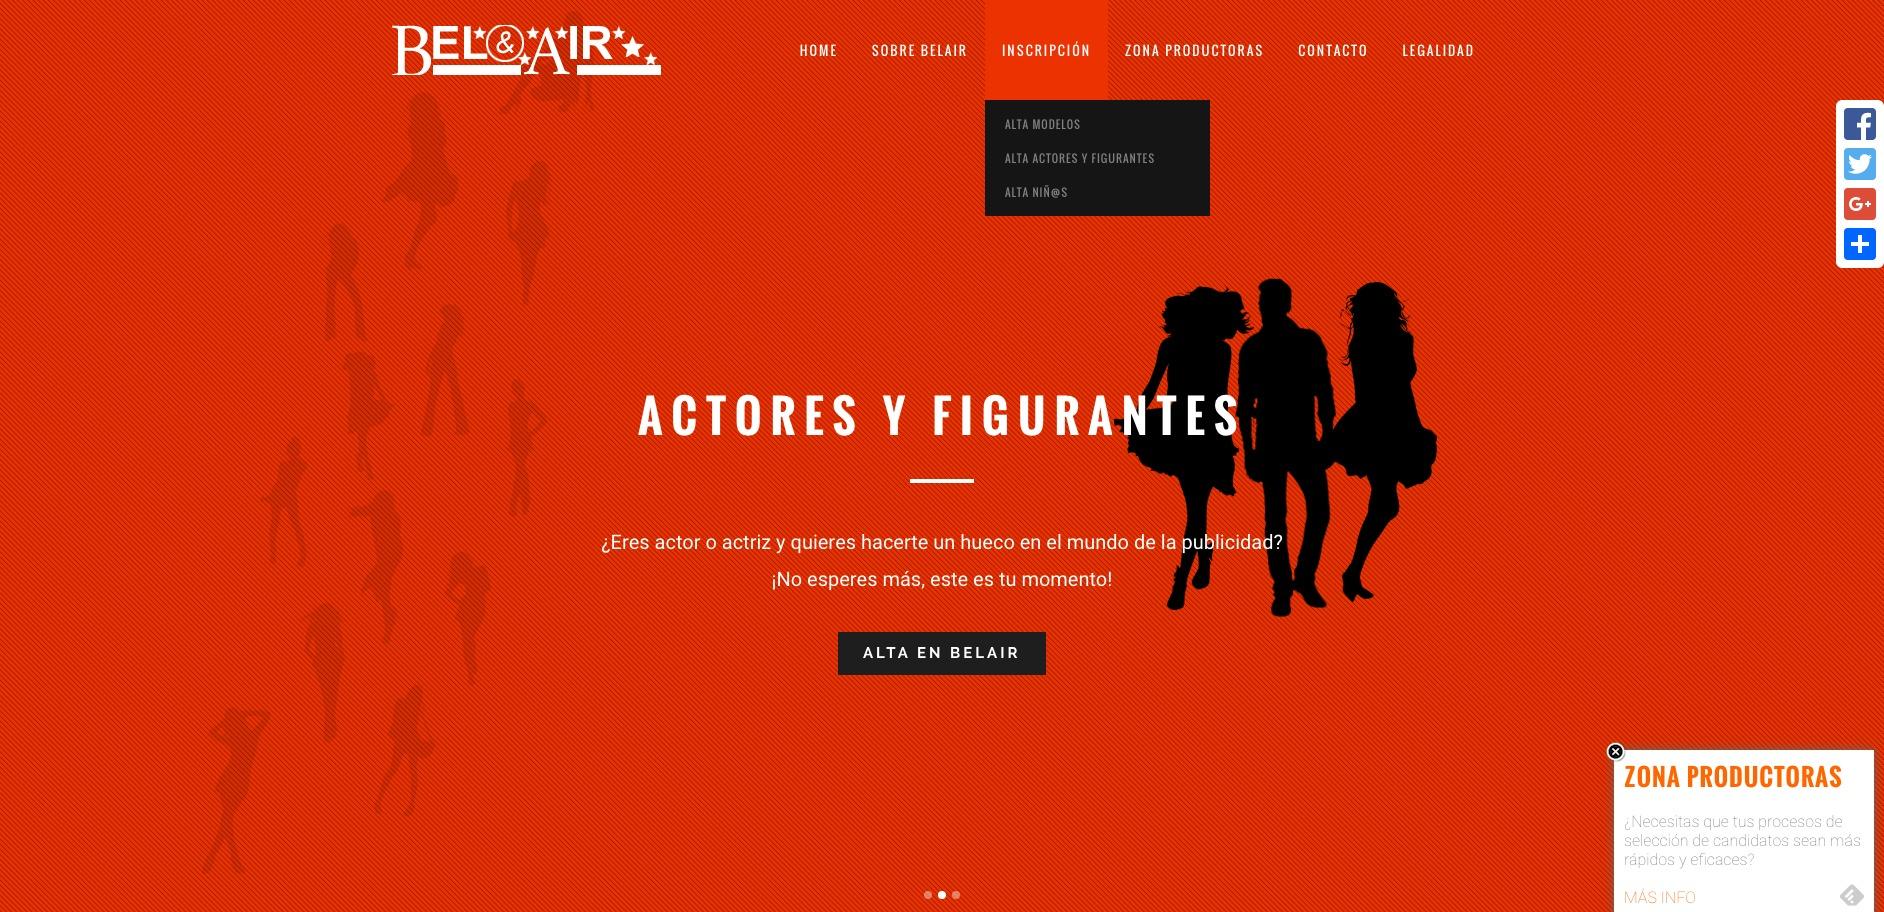 Captura de pantalla sección actores y figurantes modelos Belair